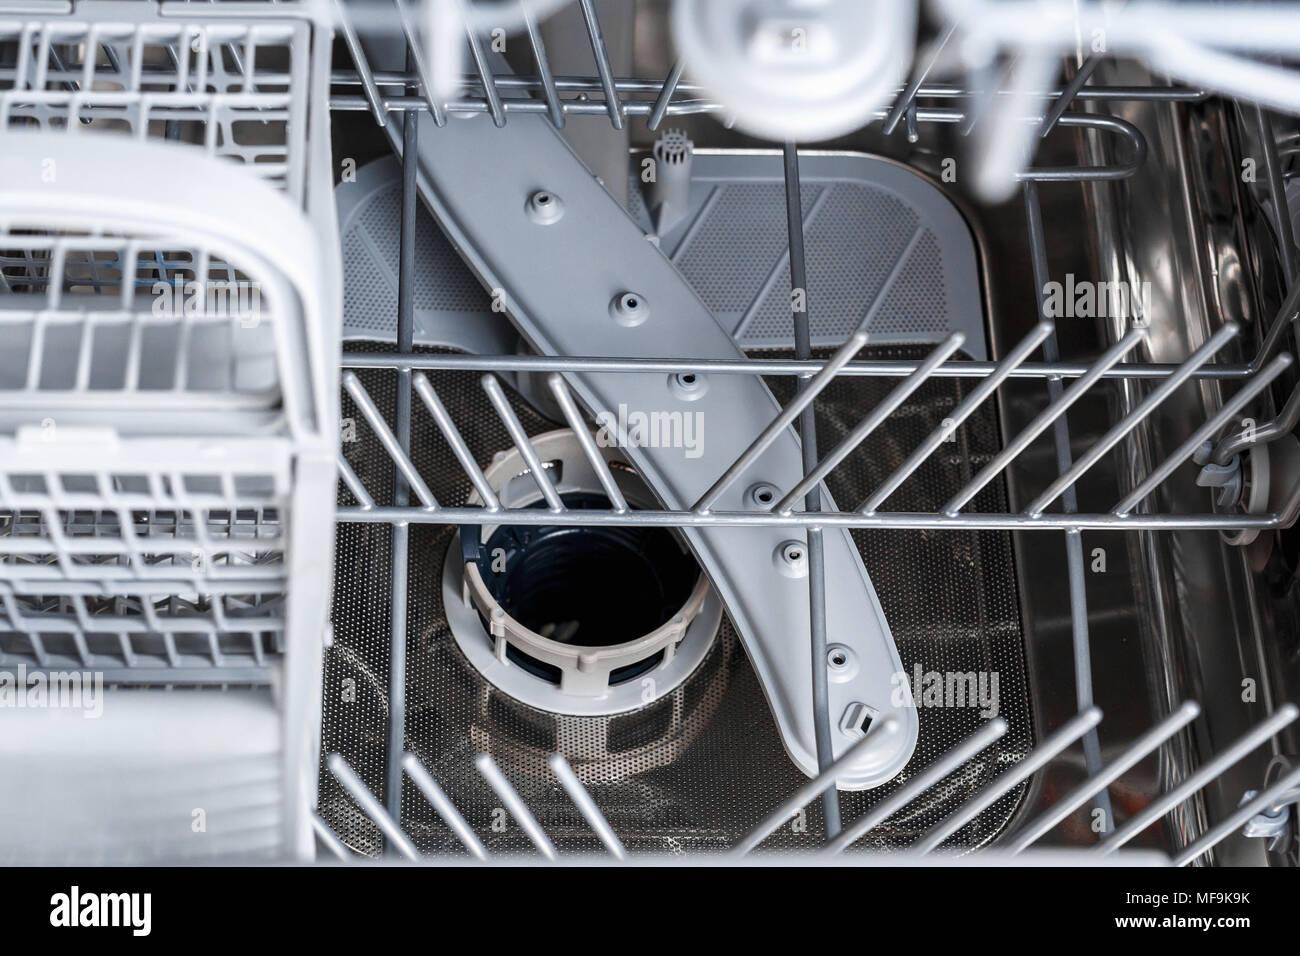 Nettoyer Interieur Lave Vaisselle lave vaisselle après le nettoyage photos & lave vaisselle